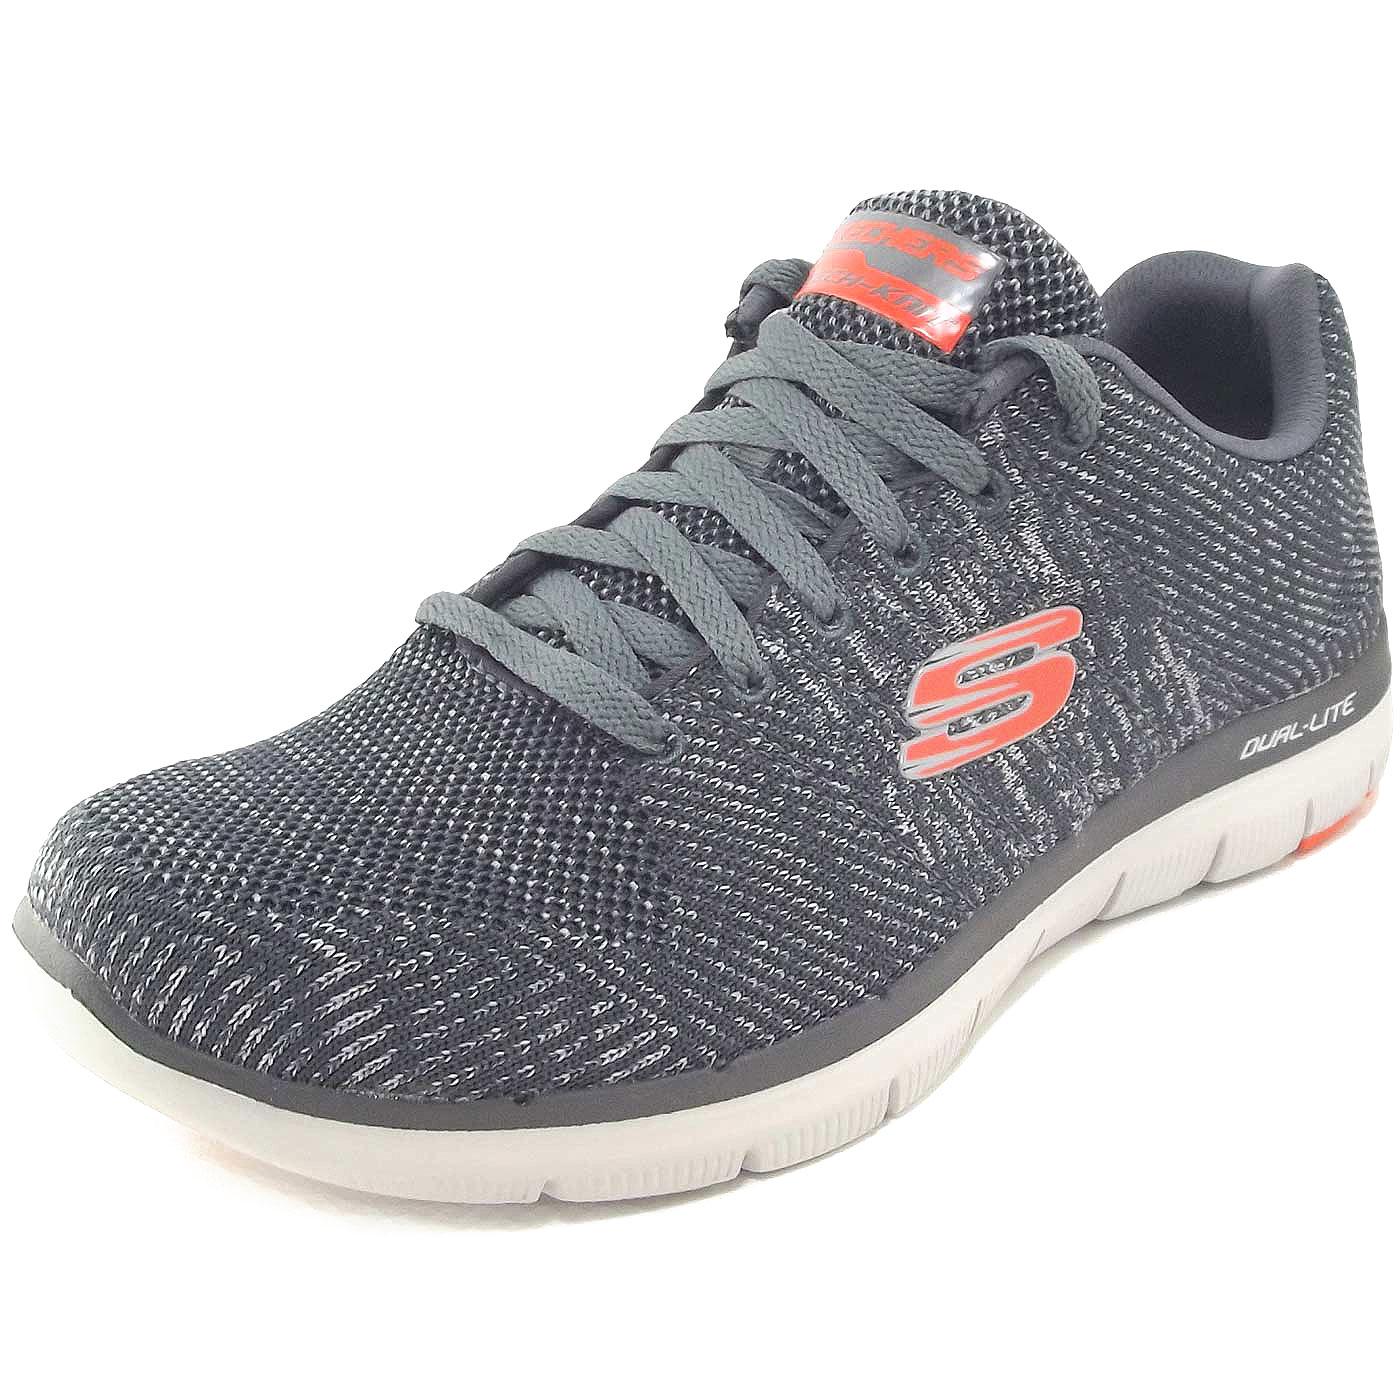 buy online 73b33 72a4f Skechers Flex Advantage 2.0 Missing Link Men Training Sneaker  charcoal/orange